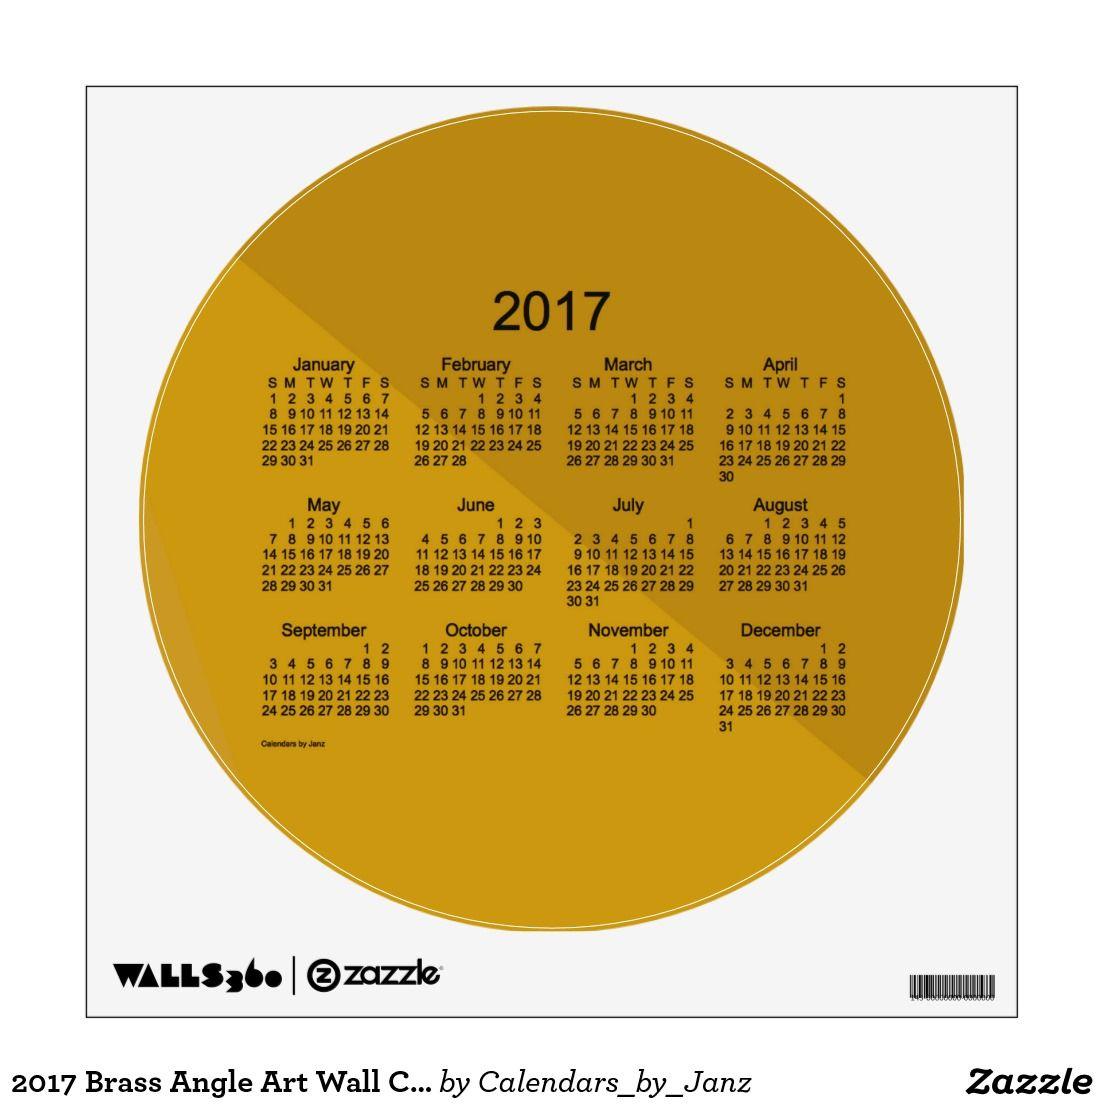 2017 Brass Angle Art Wall Calendar by Janz Wall Sticker | Calendar ...